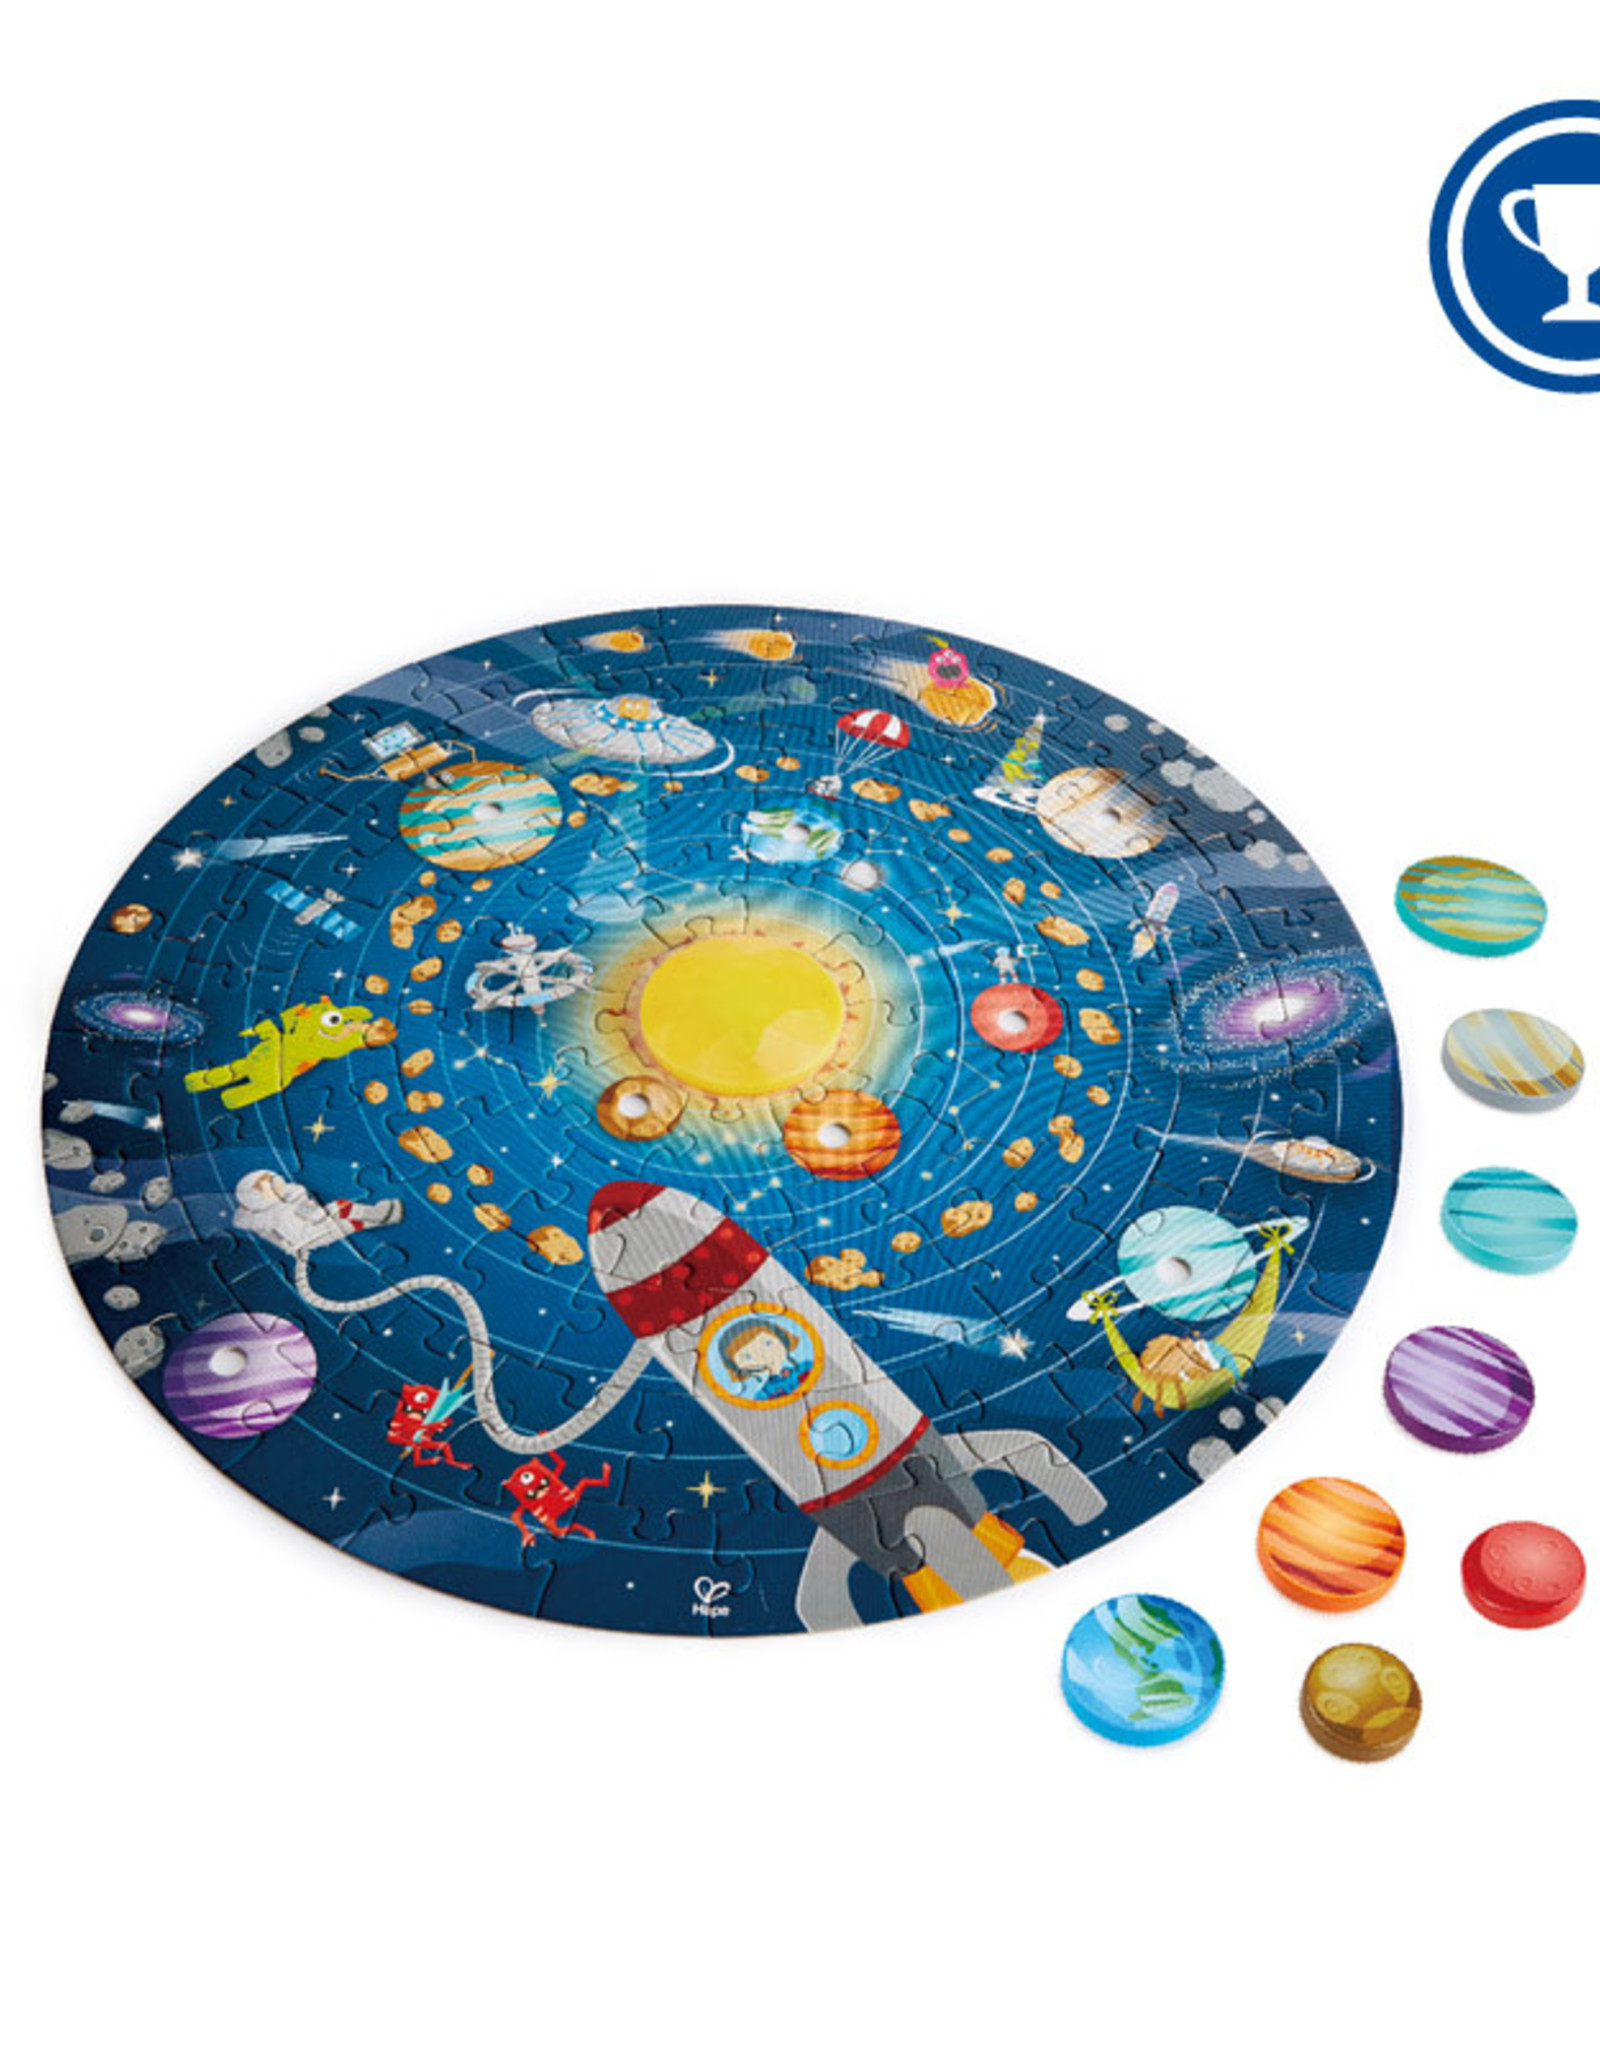 Hape Toys Hape Solar System Puzzle - 102 Pc